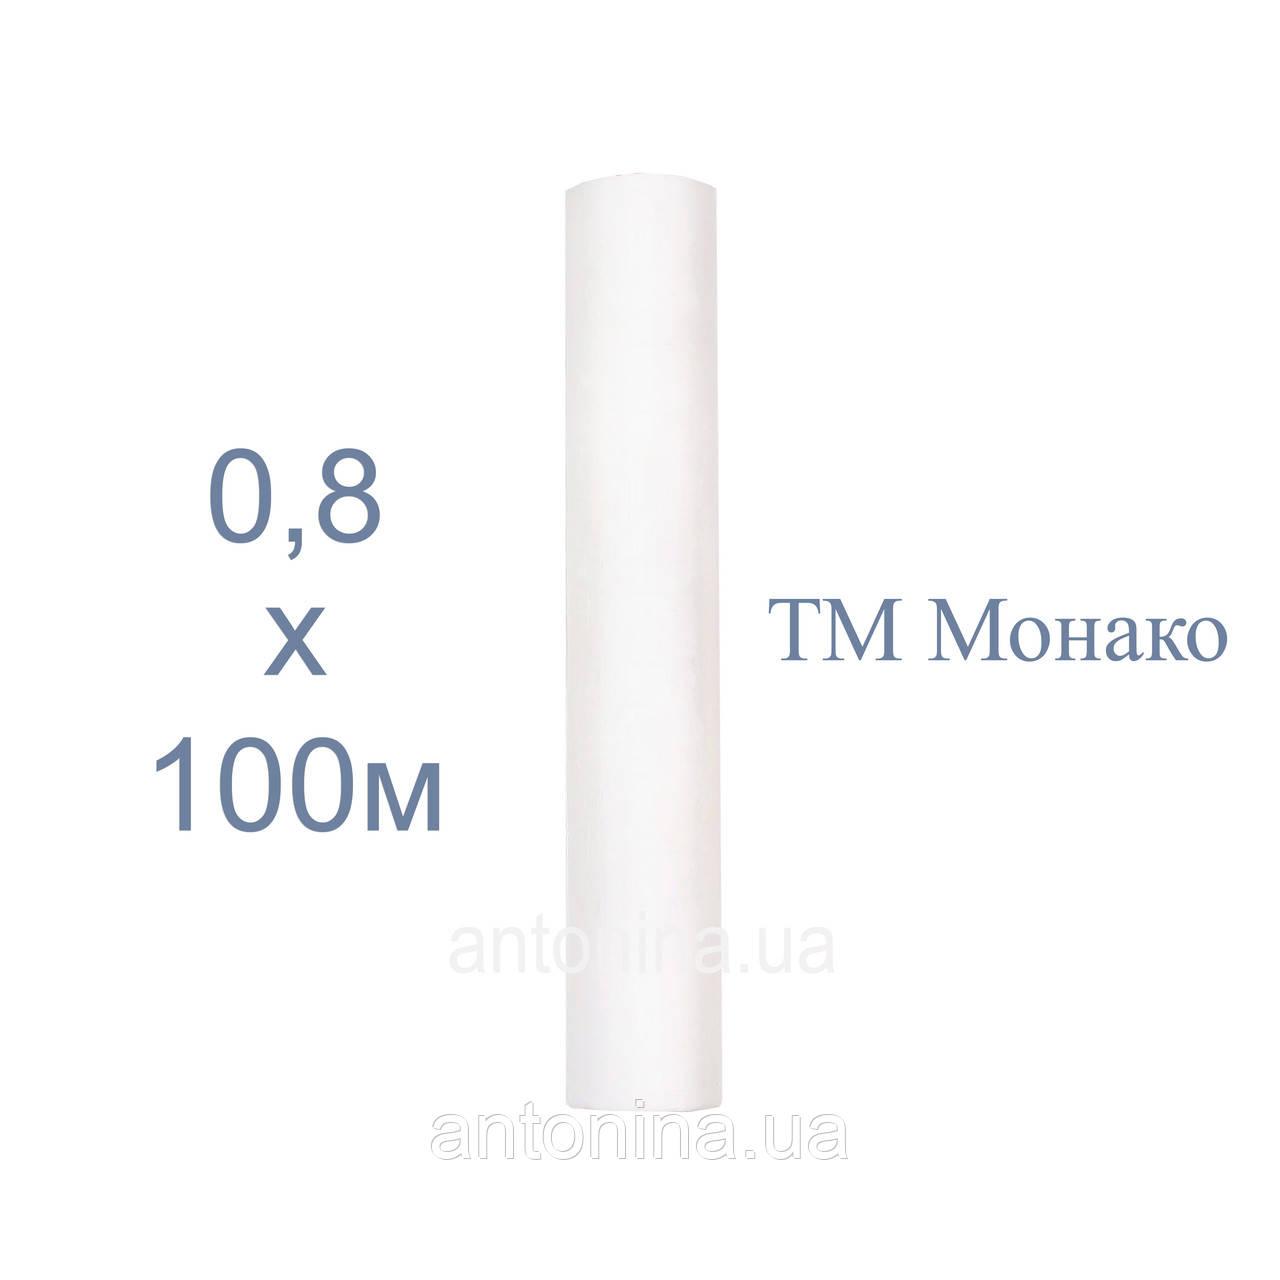 """Простыни одноразовые белые 0,8х100м ТМ """"Монако"""", спанбонд на кушетку"""